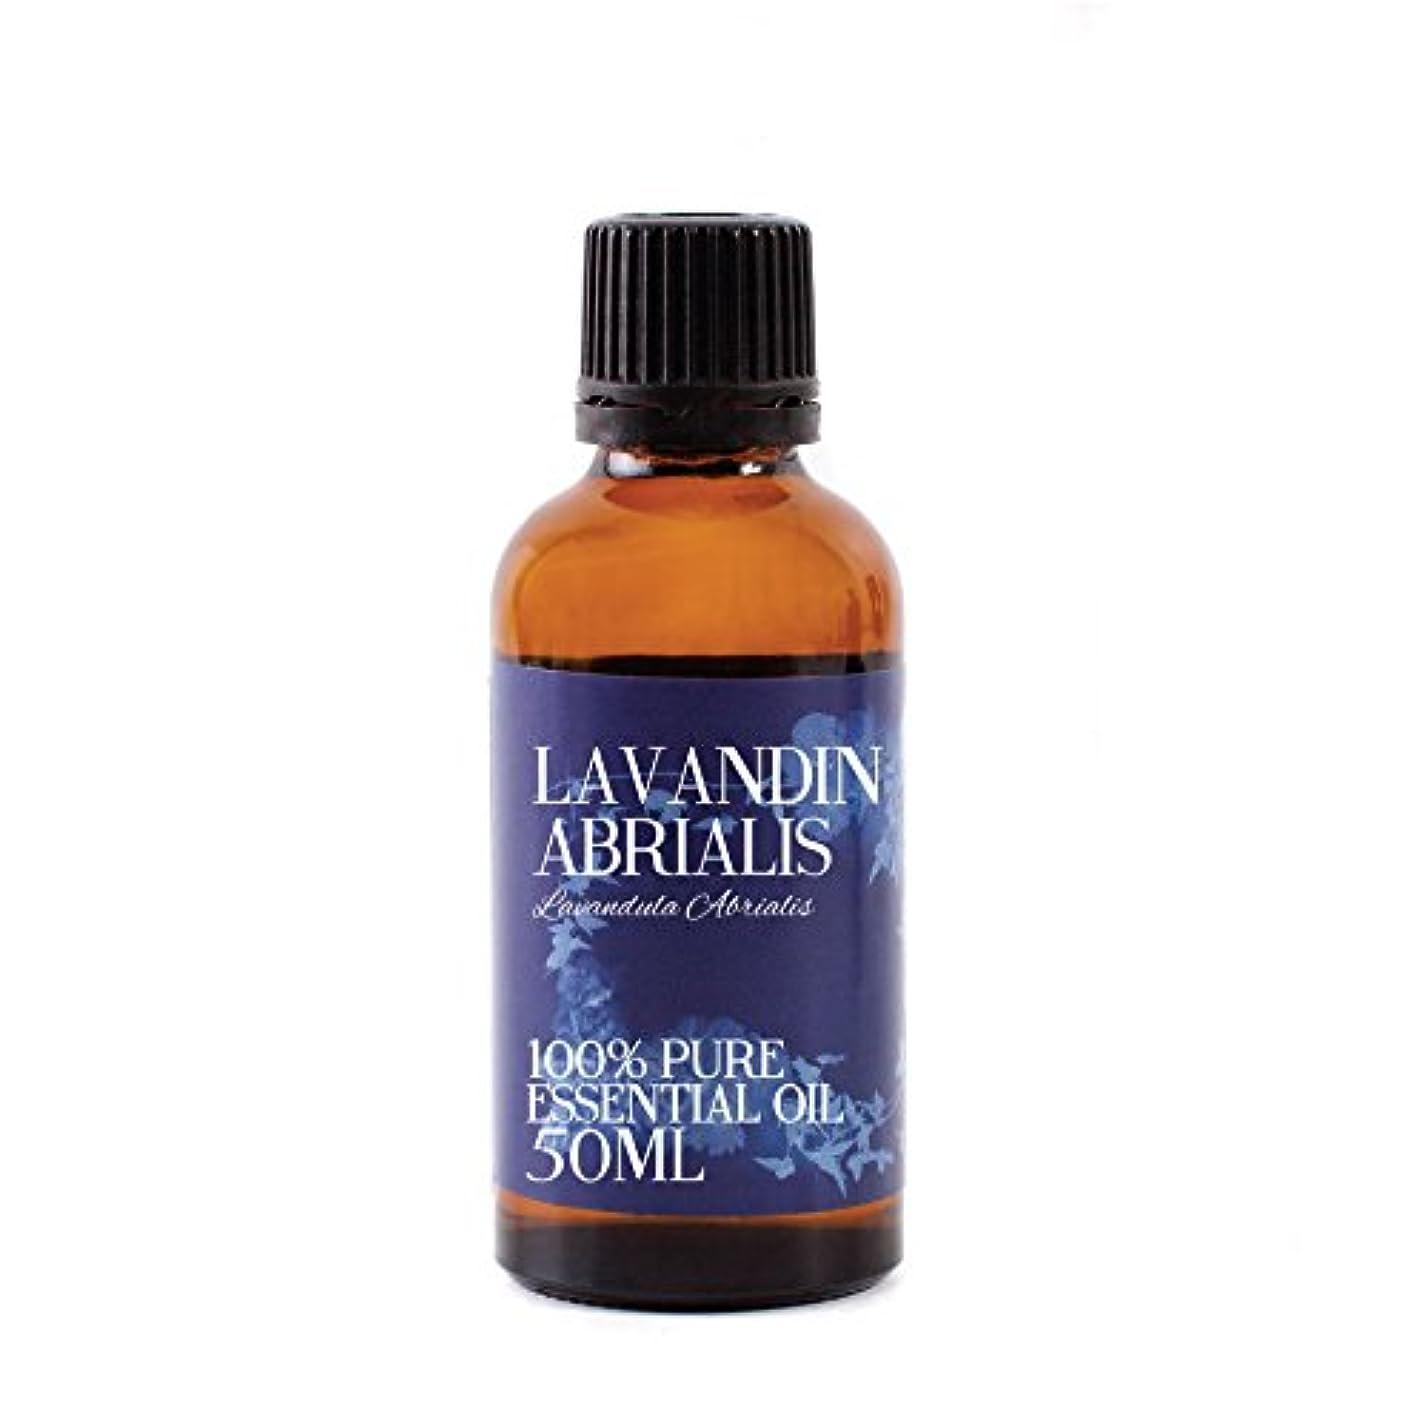 せがむ道徳教育に頼るMystic Moments | Lavandin Abrialis Essential Oil - 50ml - 100% Pure